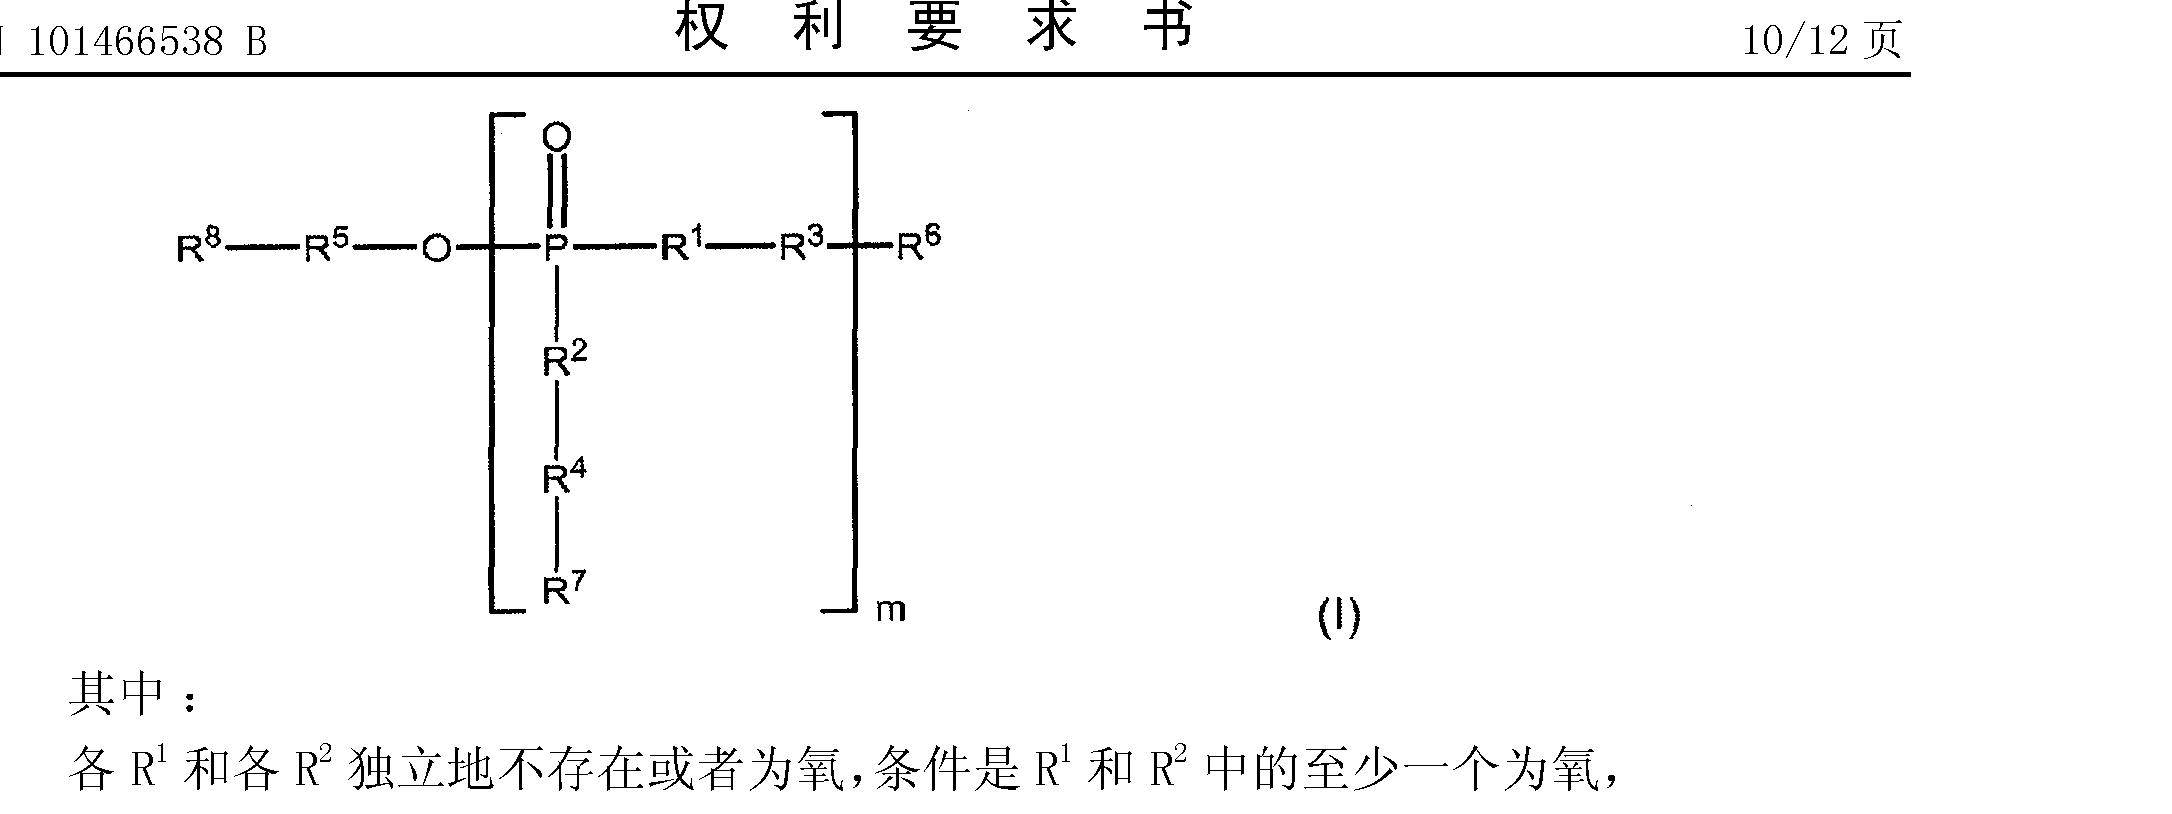 Figure CN101466538BC00111